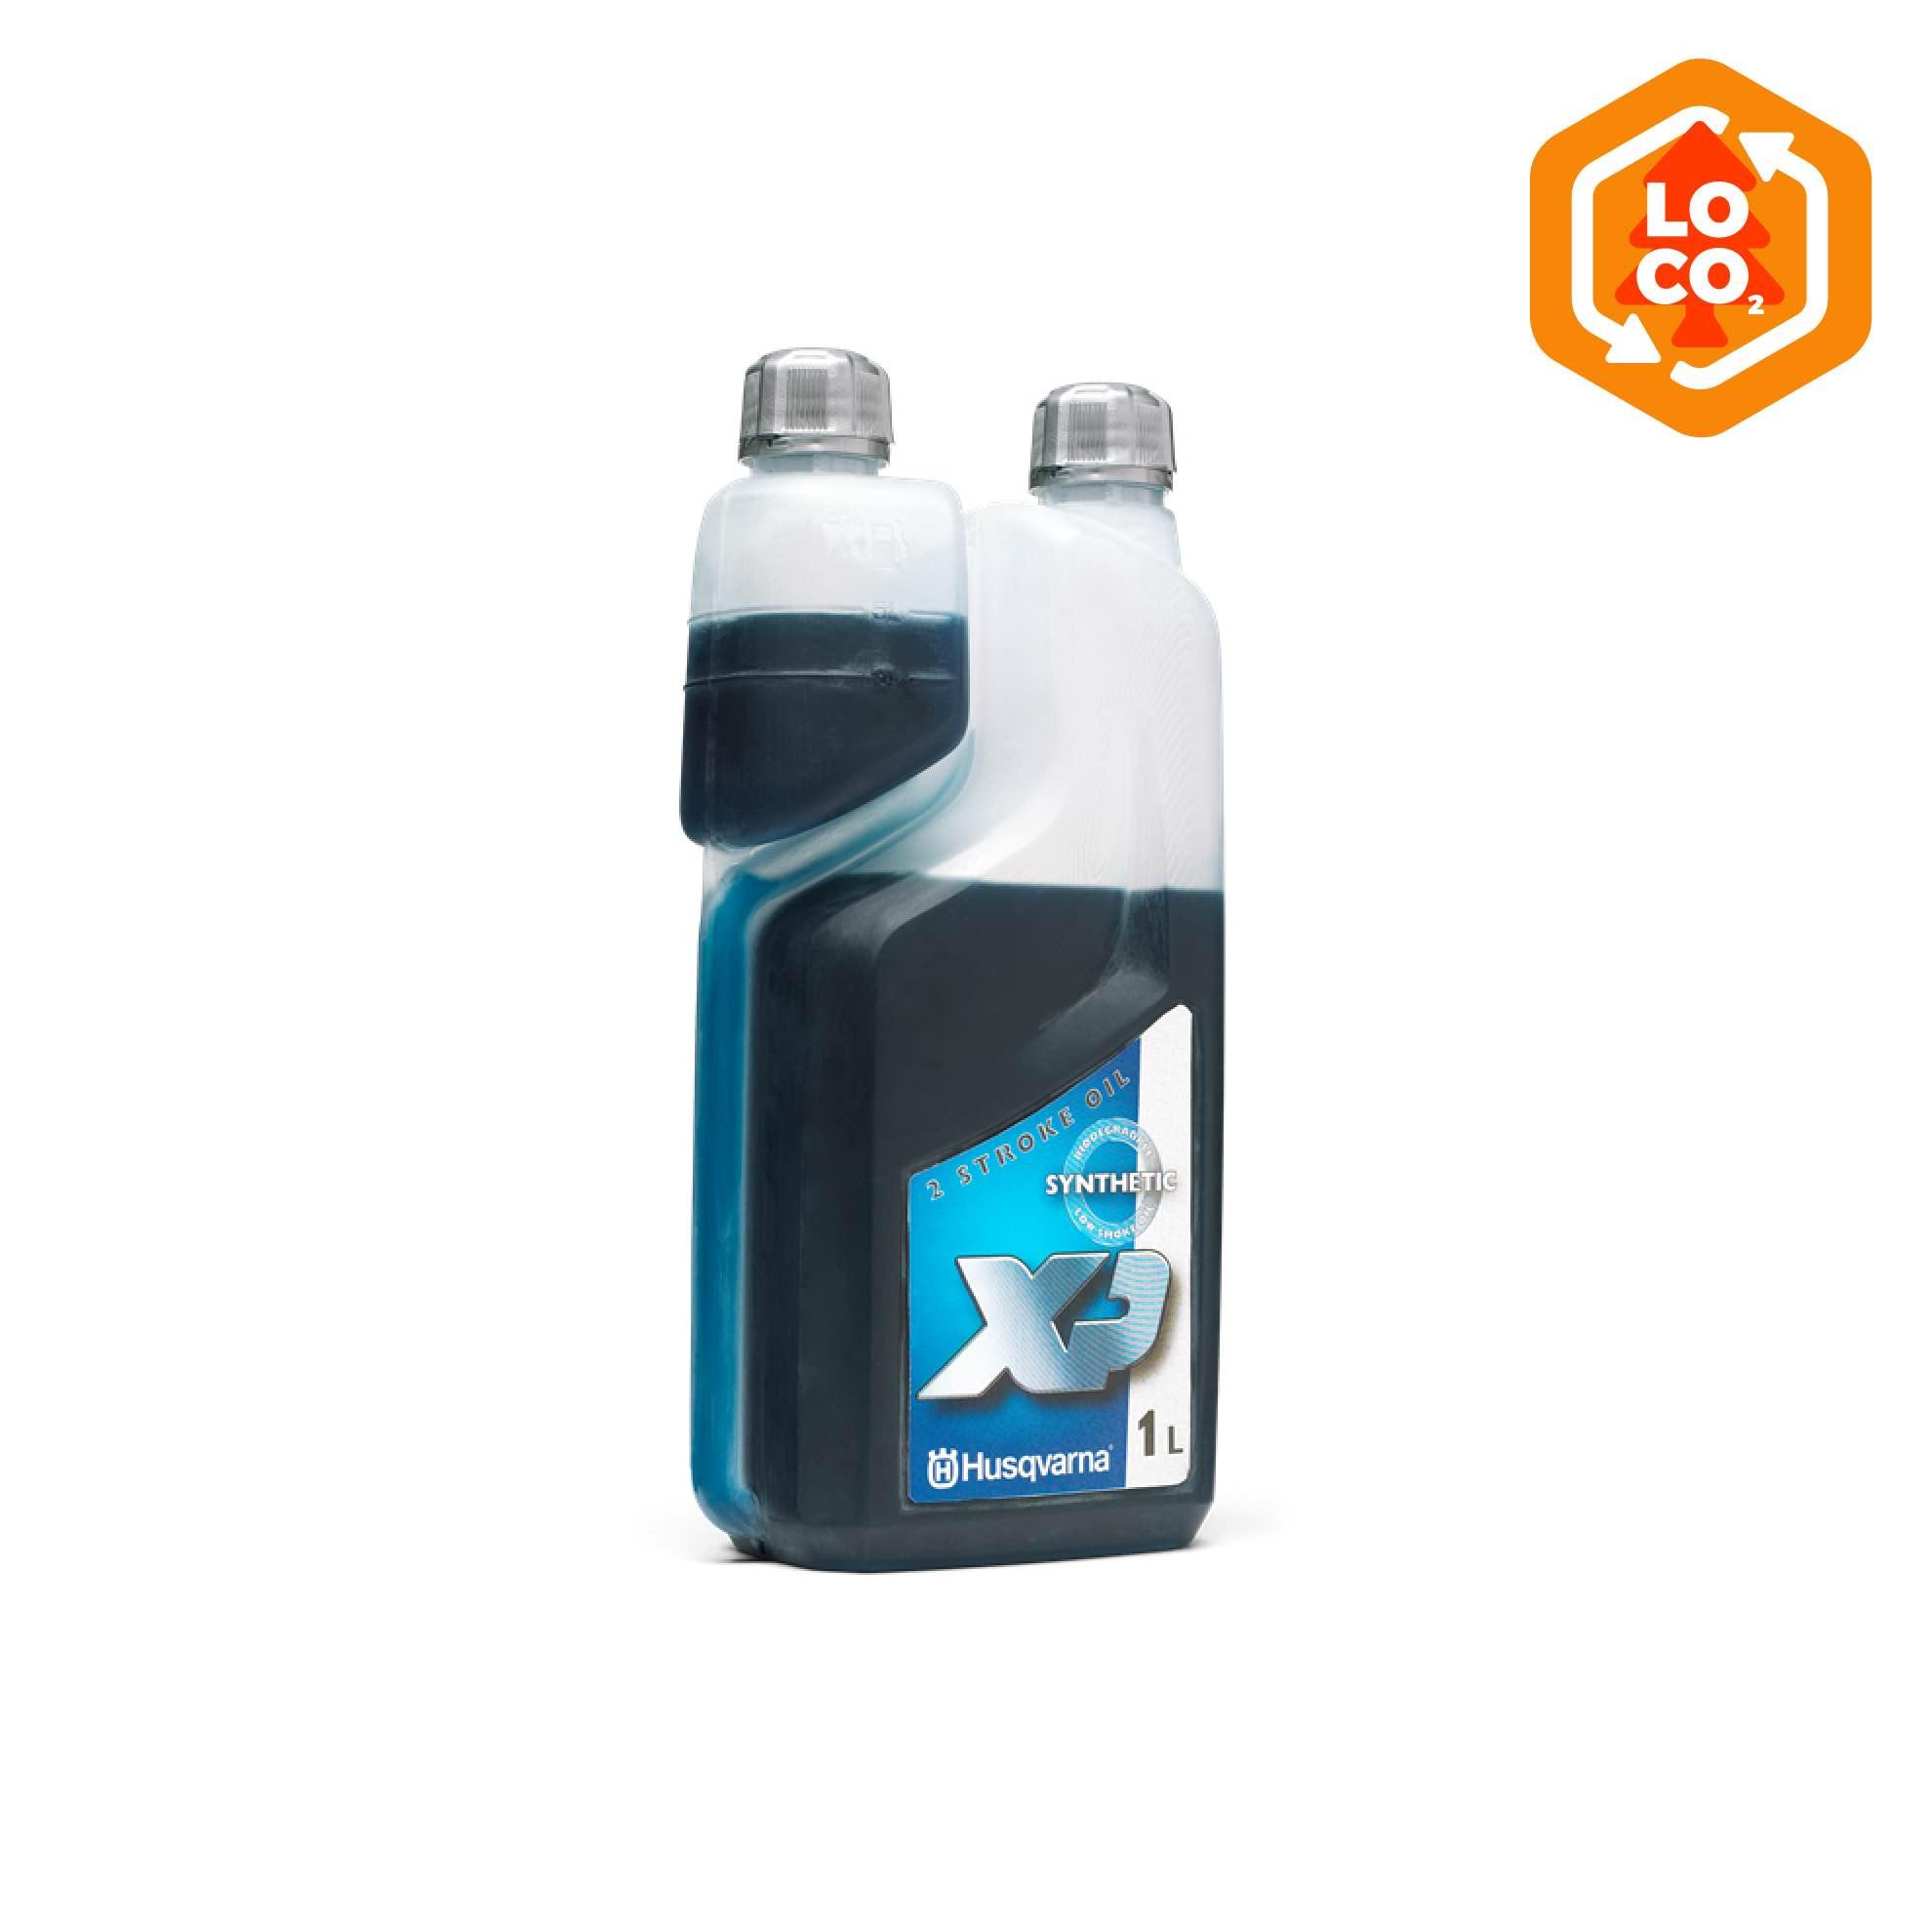 Husqvarna 2-Stroke Oil, XP Synthetic